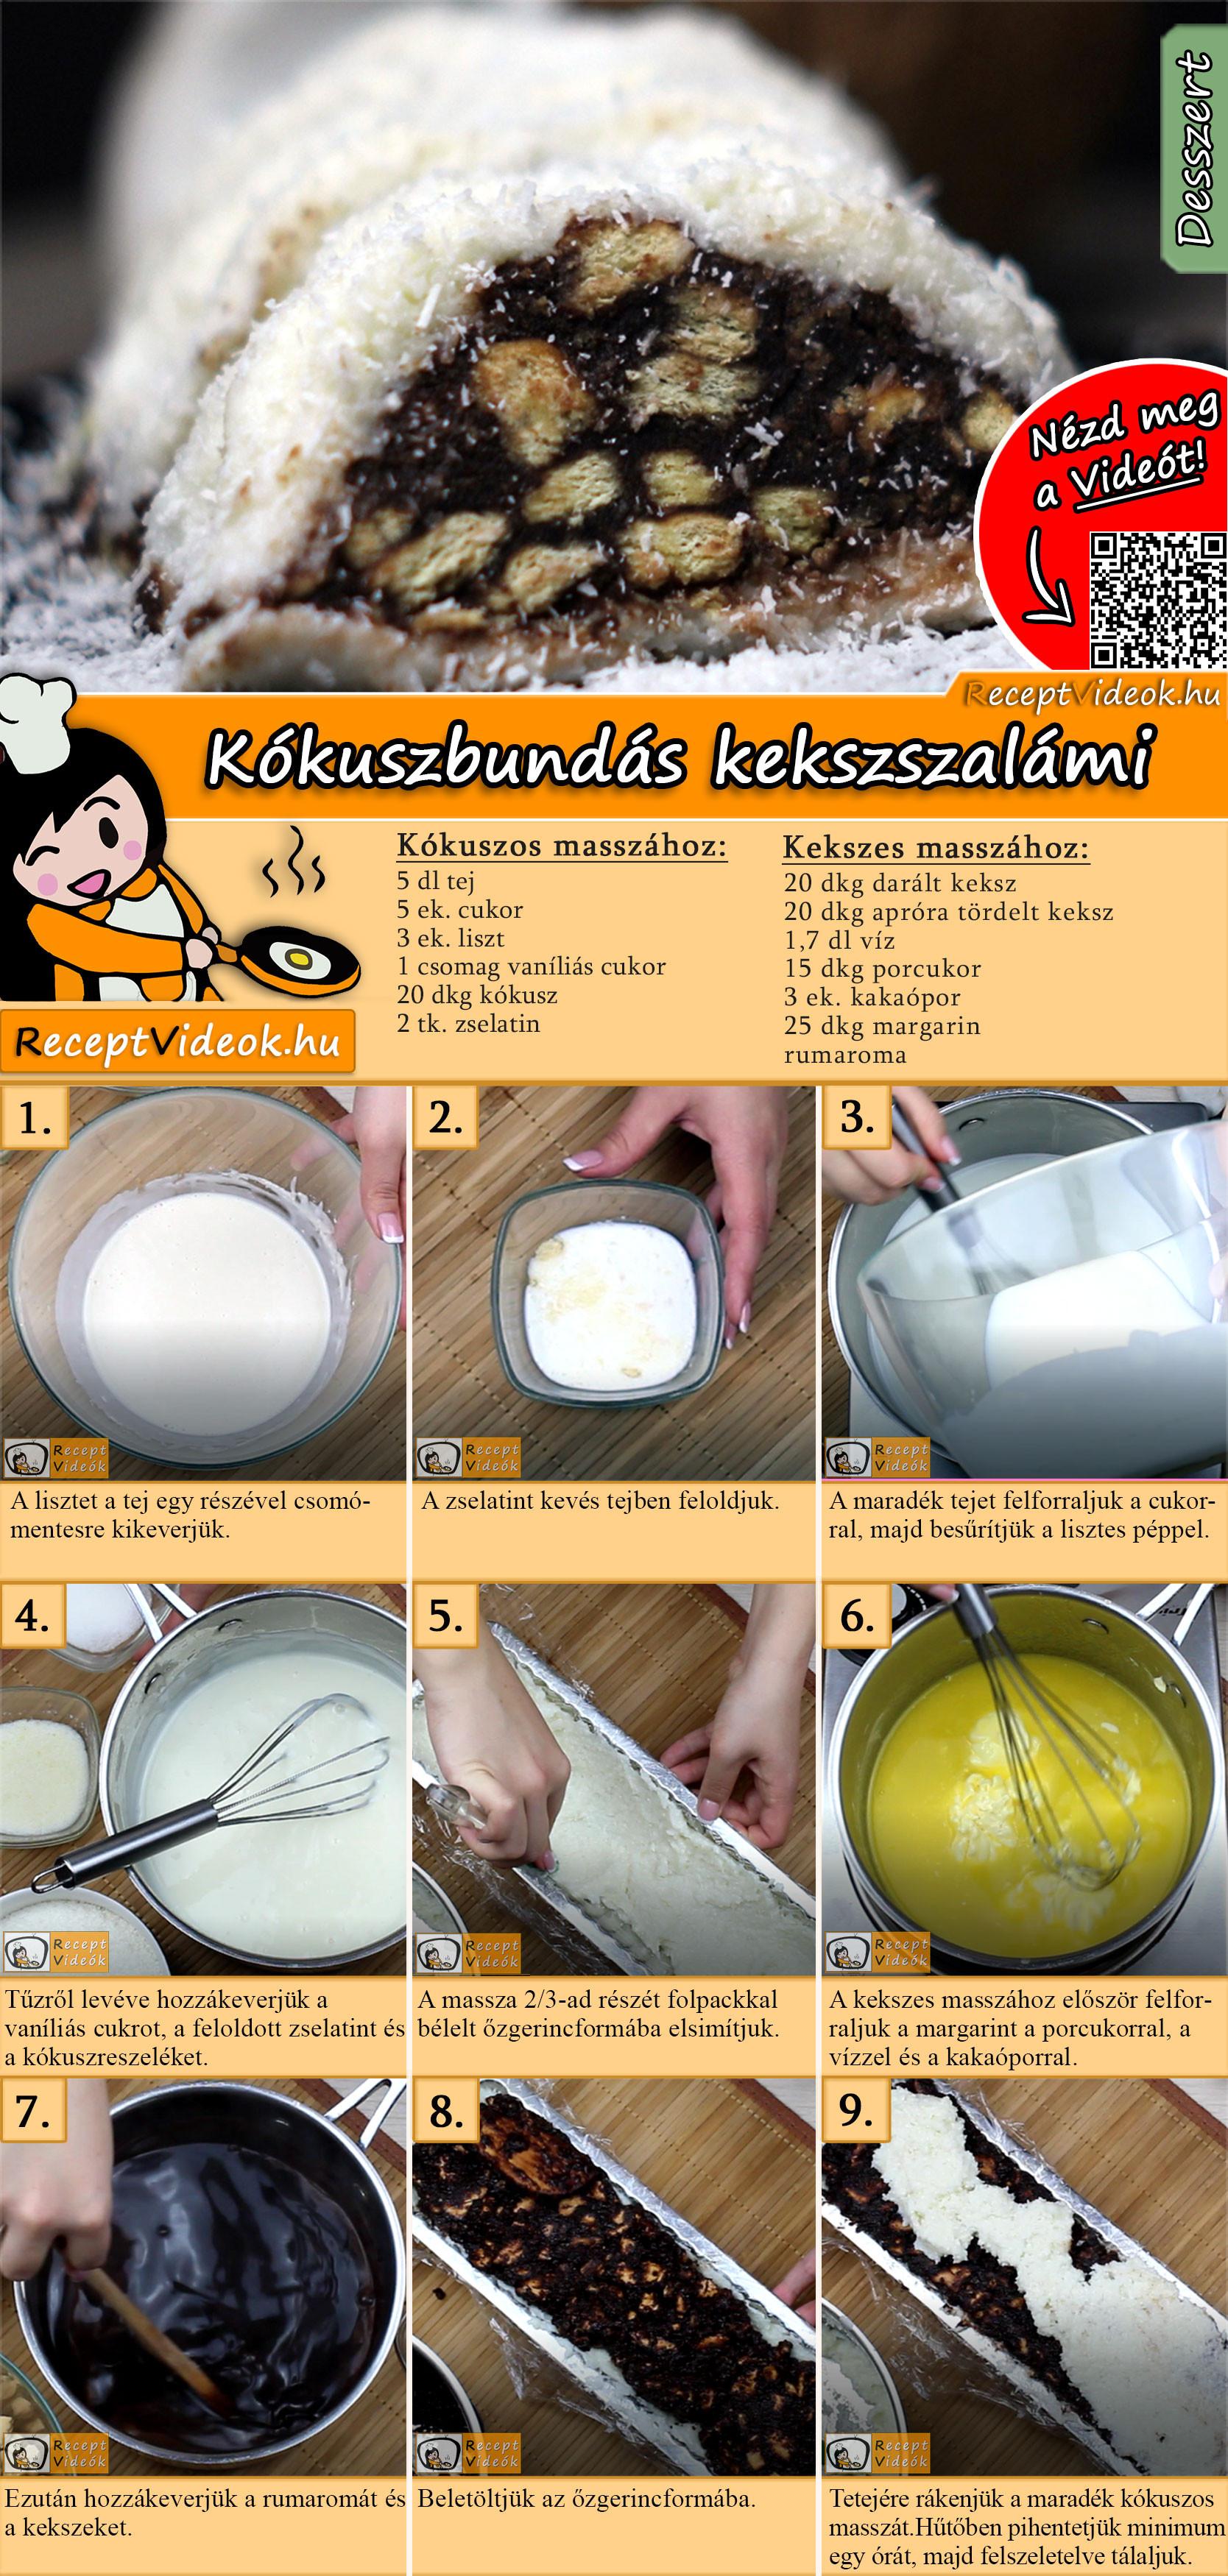 Kókuszbundás kekszszalámi recept elkészítése videóval